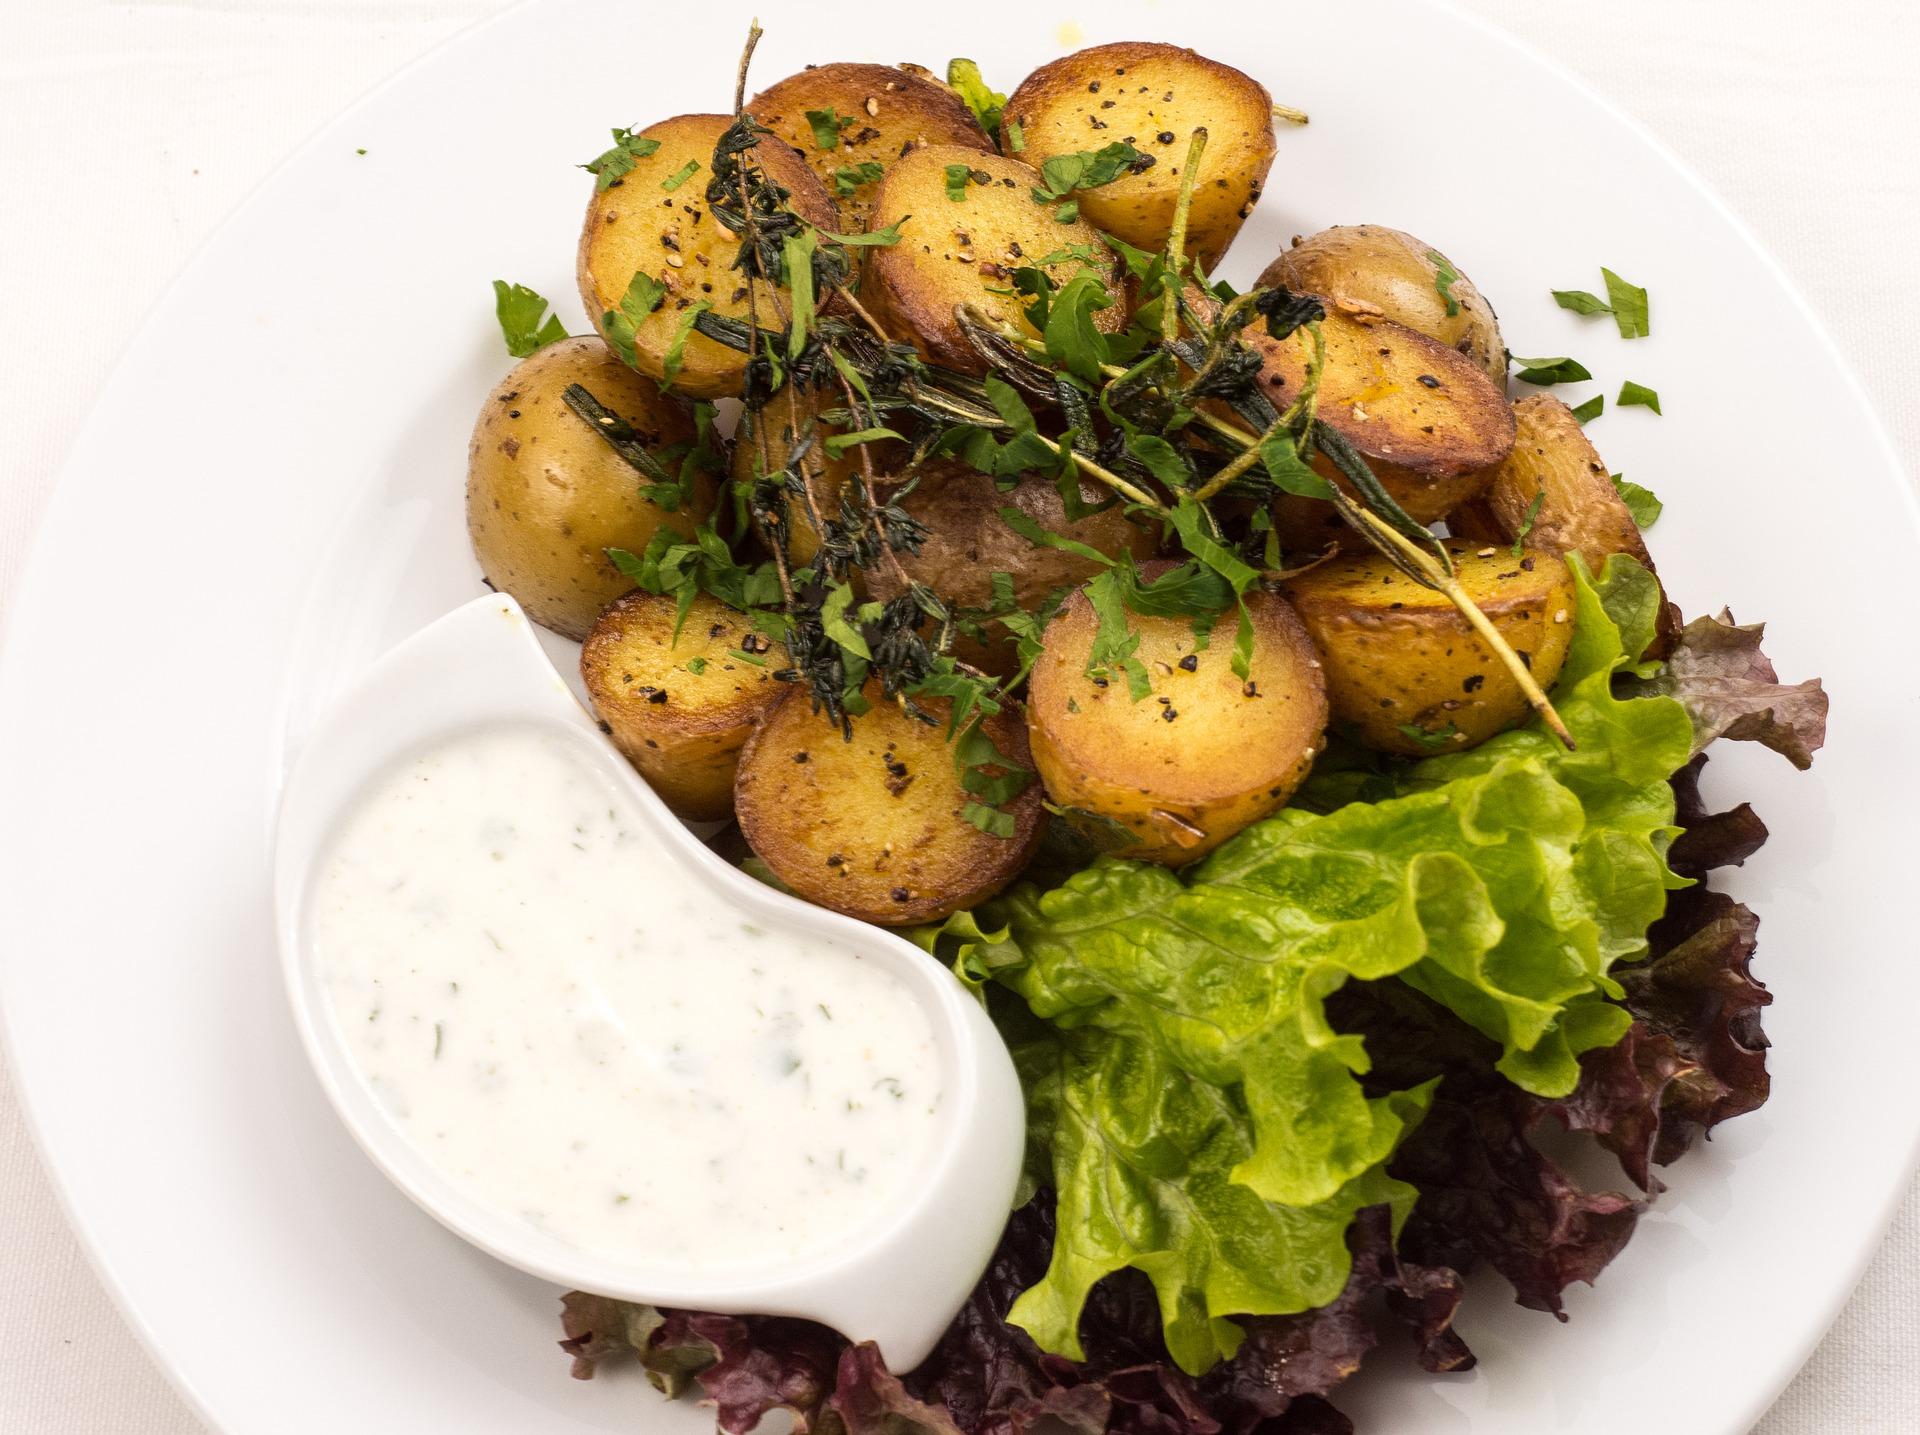 φούρνου πατάτες ορεκτικό συνταγή για λαχταριστές πατάτες φούρνου